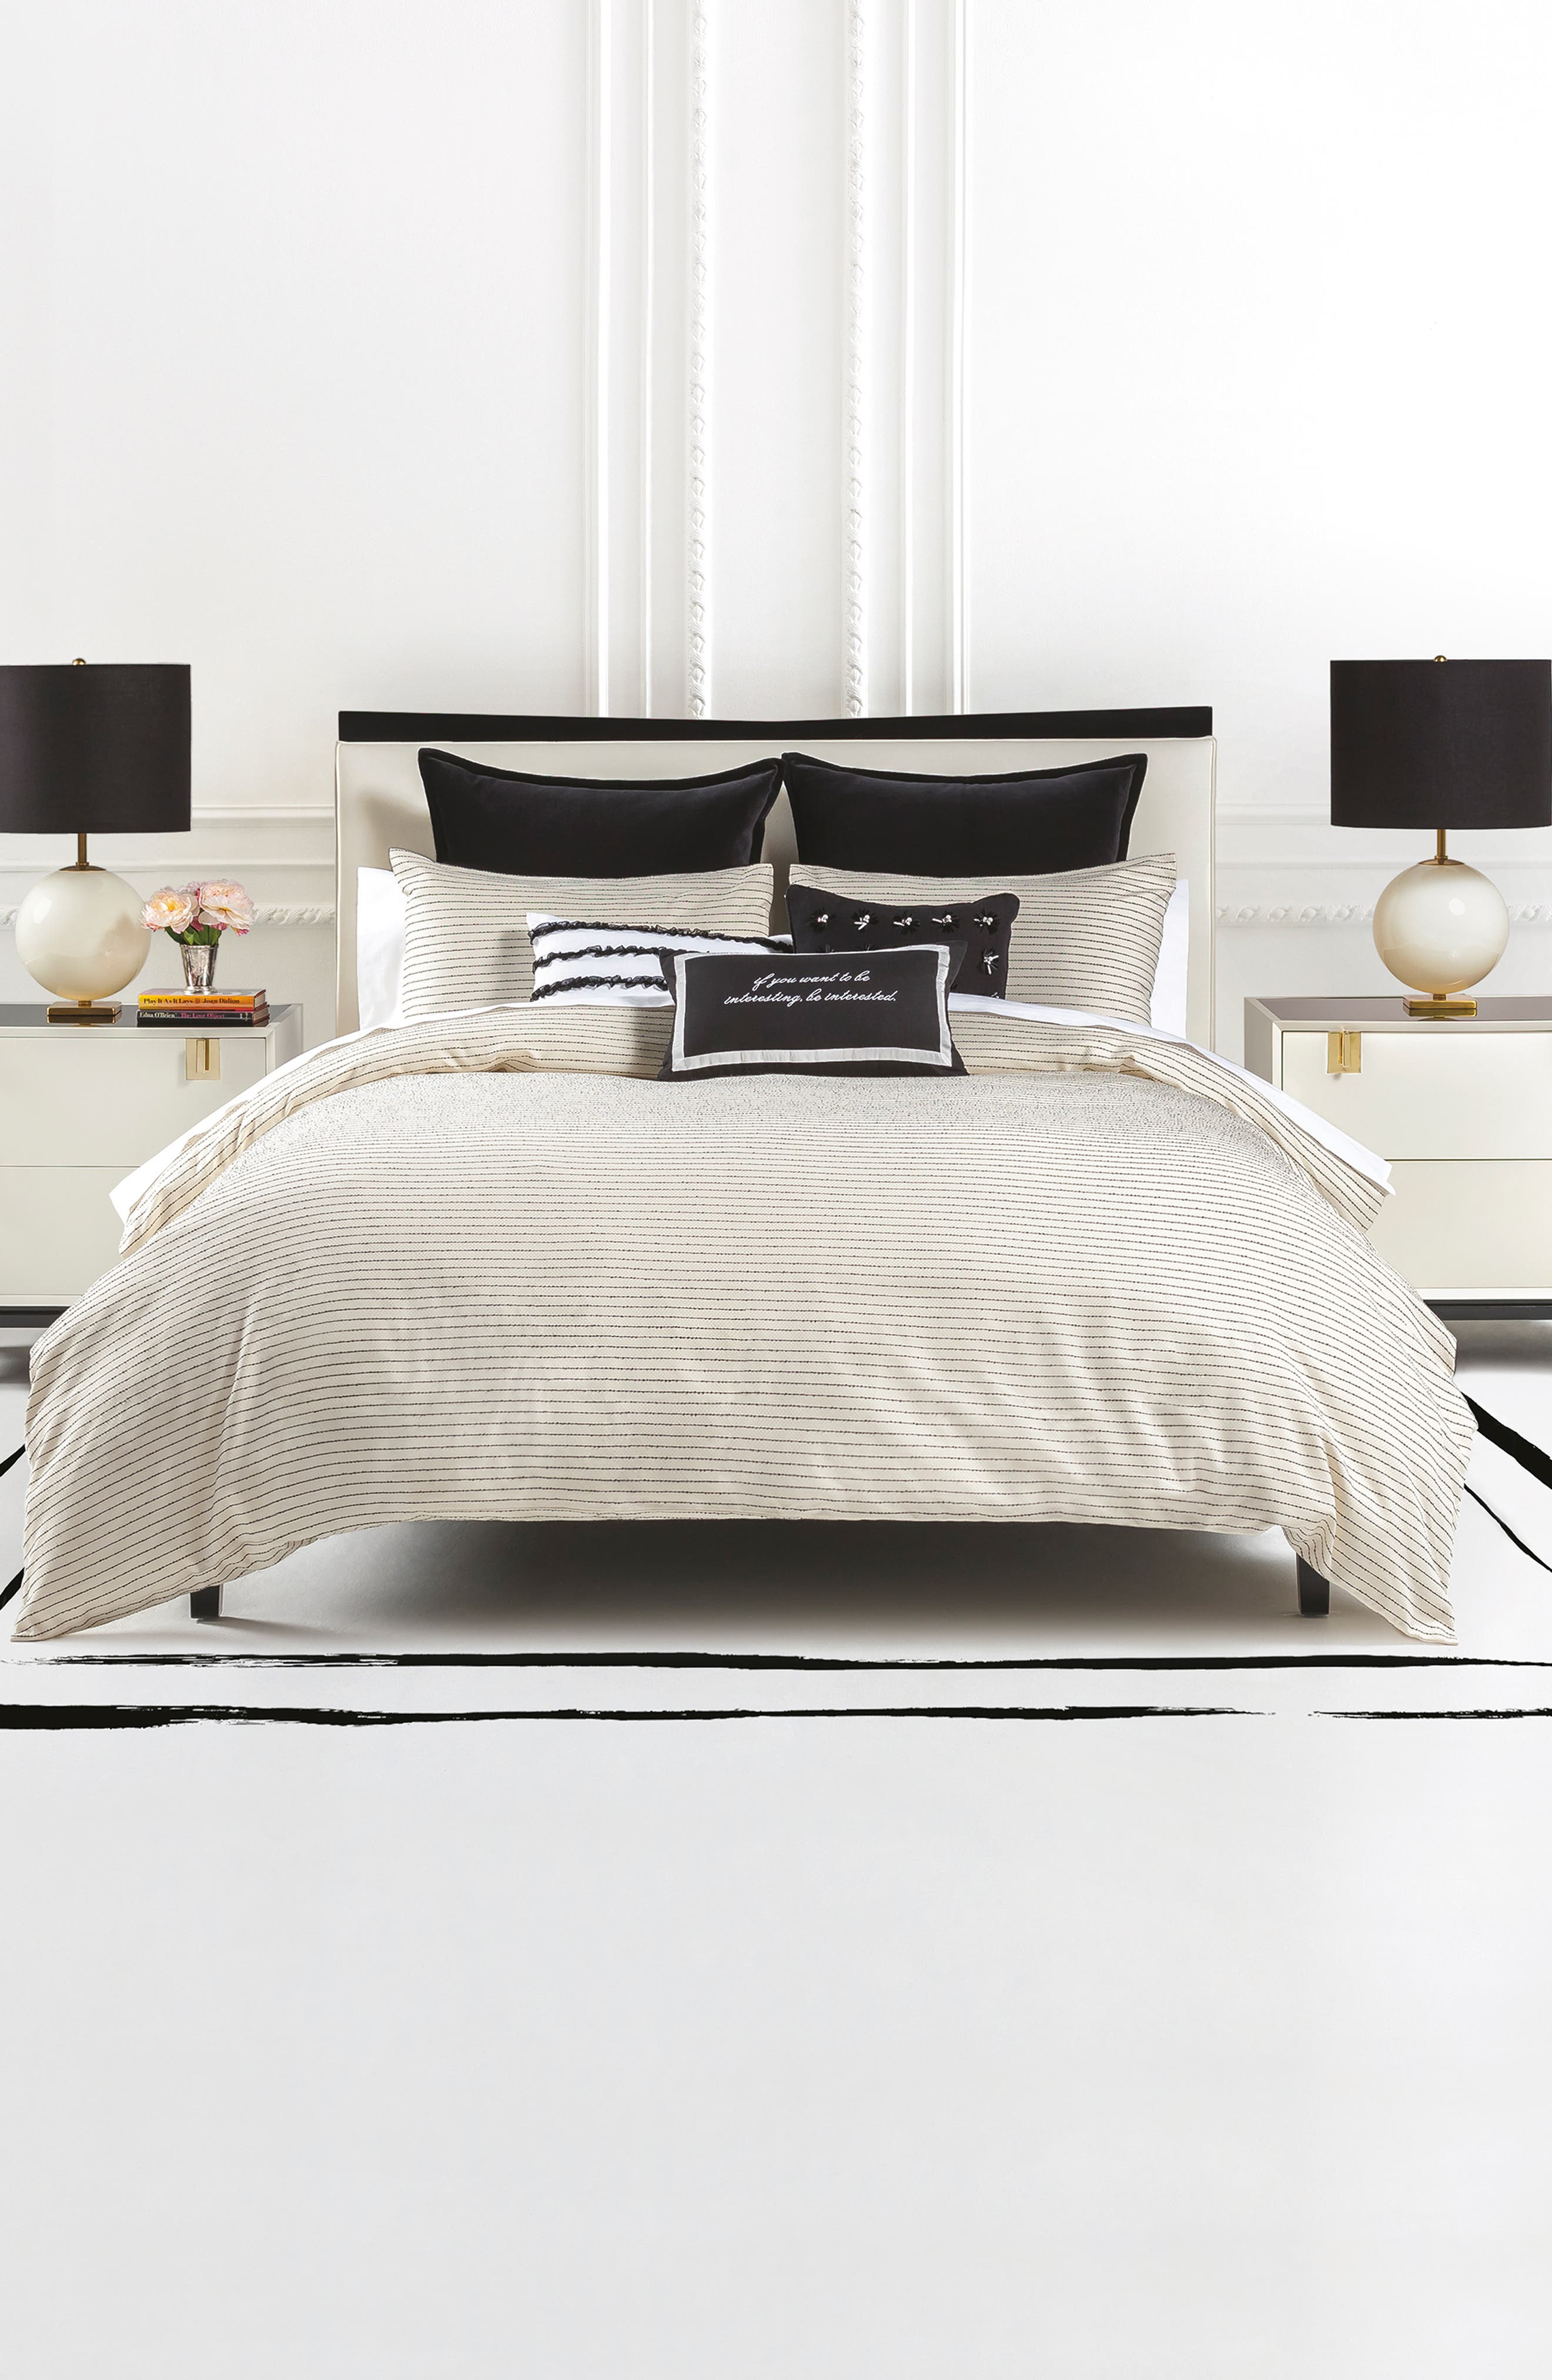 bouclé comforter & sham set,                             Main thumbnail 1, color,                             CREAM/ BLACK